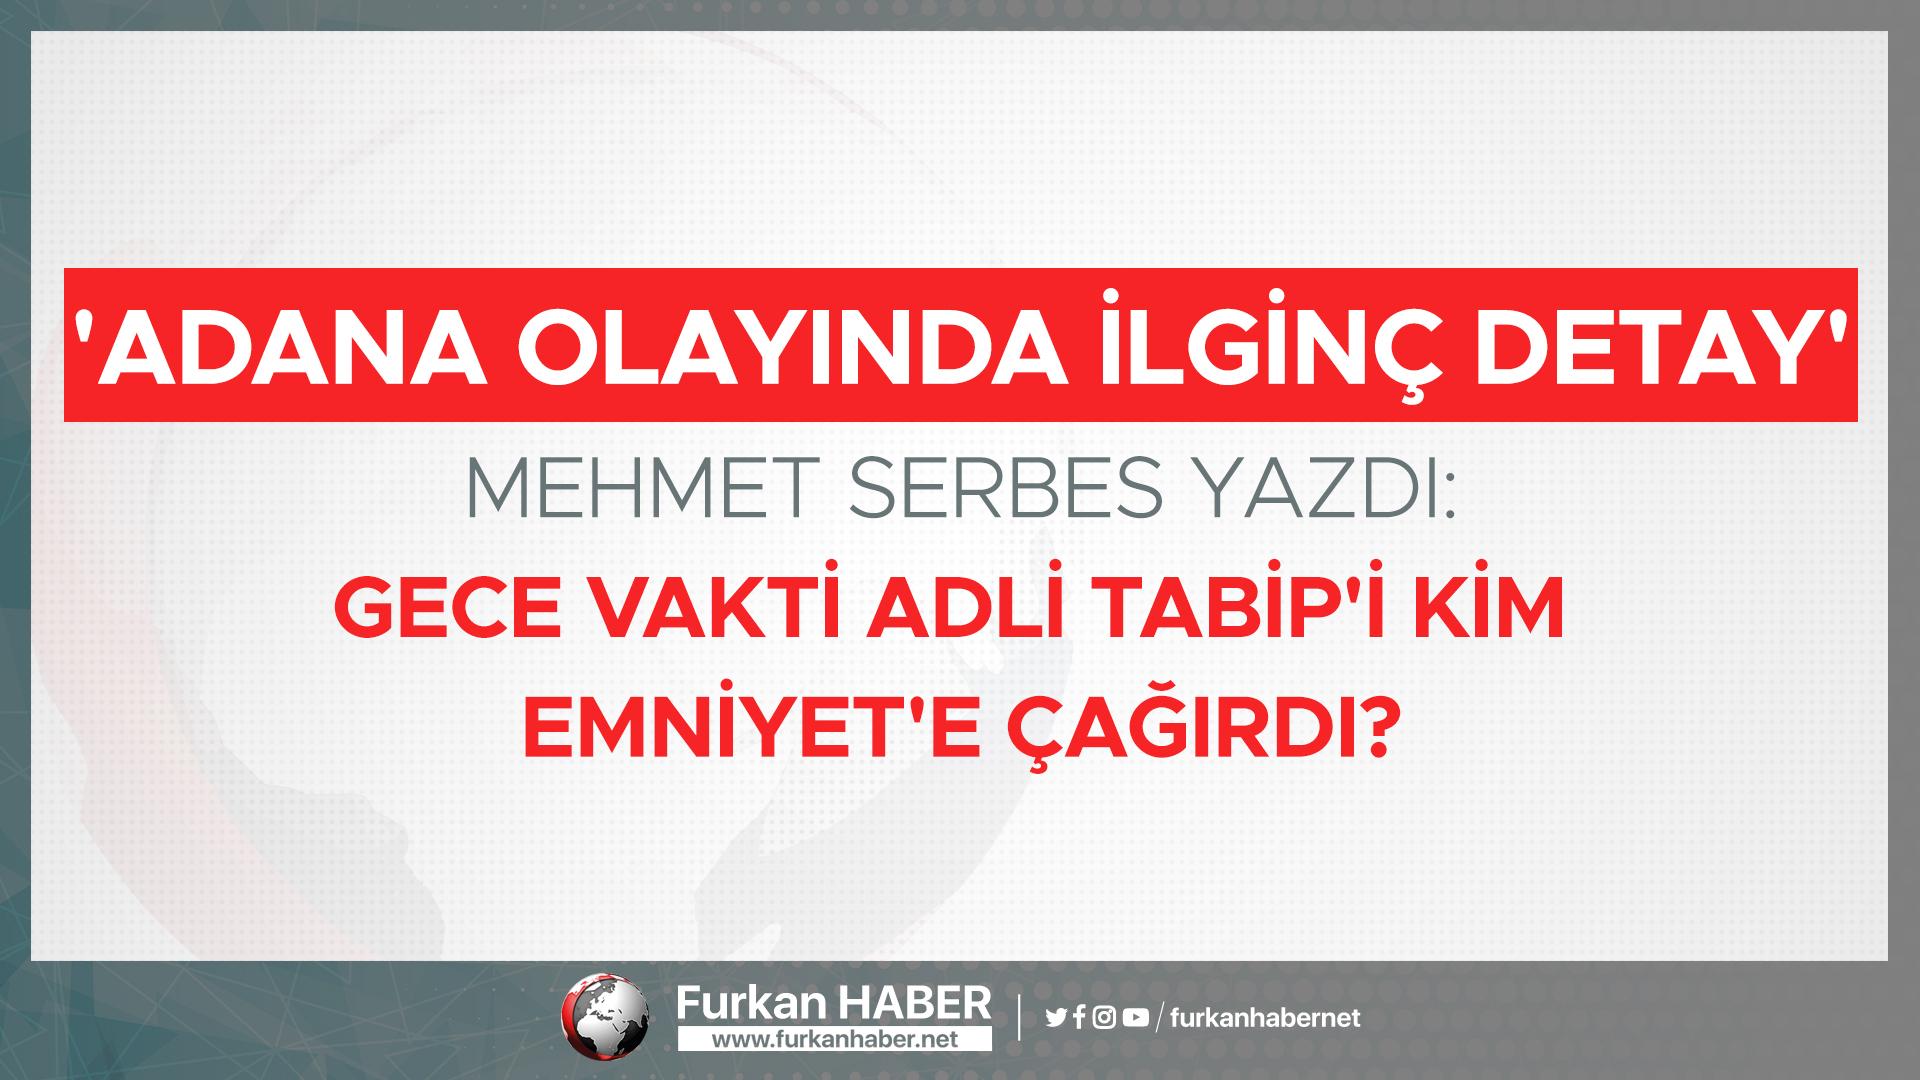 'Adana olayında ilginç detay' Mehmet Serbes yazdı: Gece Vakti Adli Tabip'i Kim Emniyet'e Çağırdı?